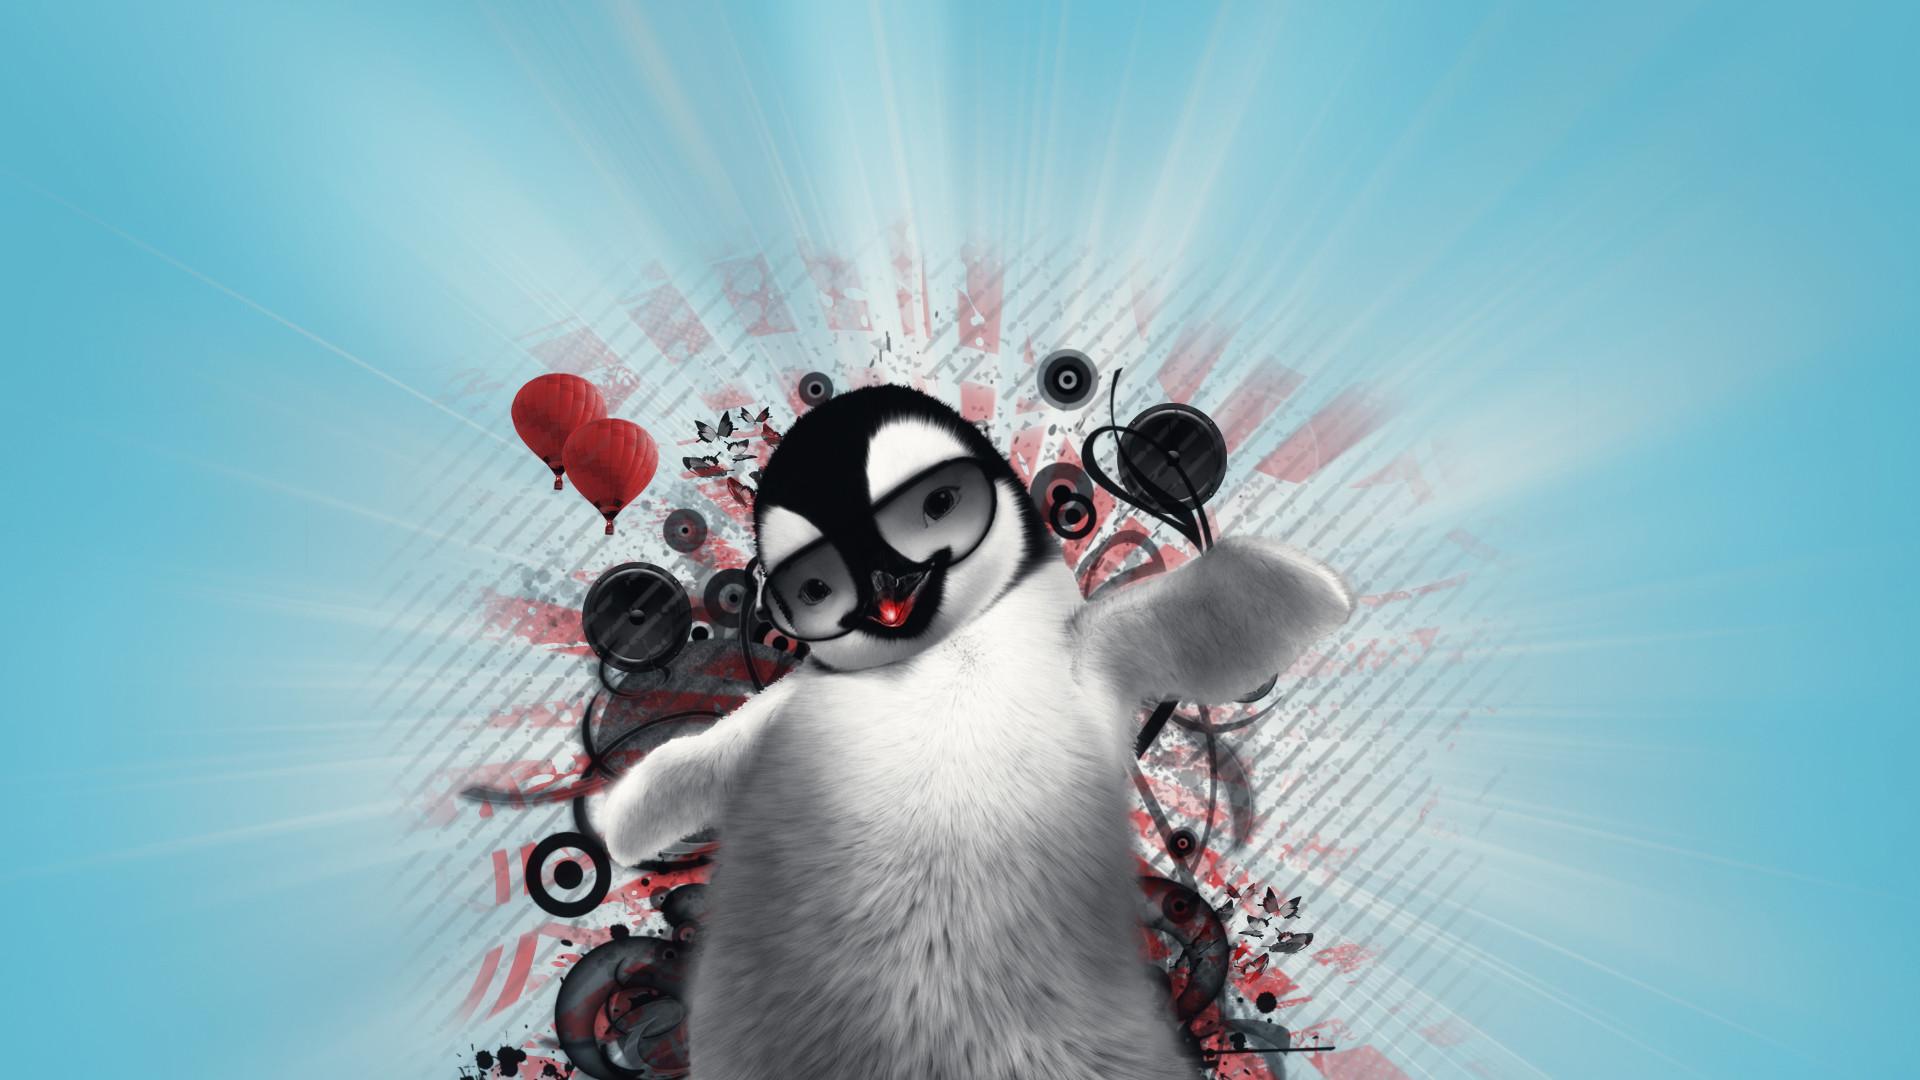 dancing wallpapers penguin wallpaper cute 1920×1080